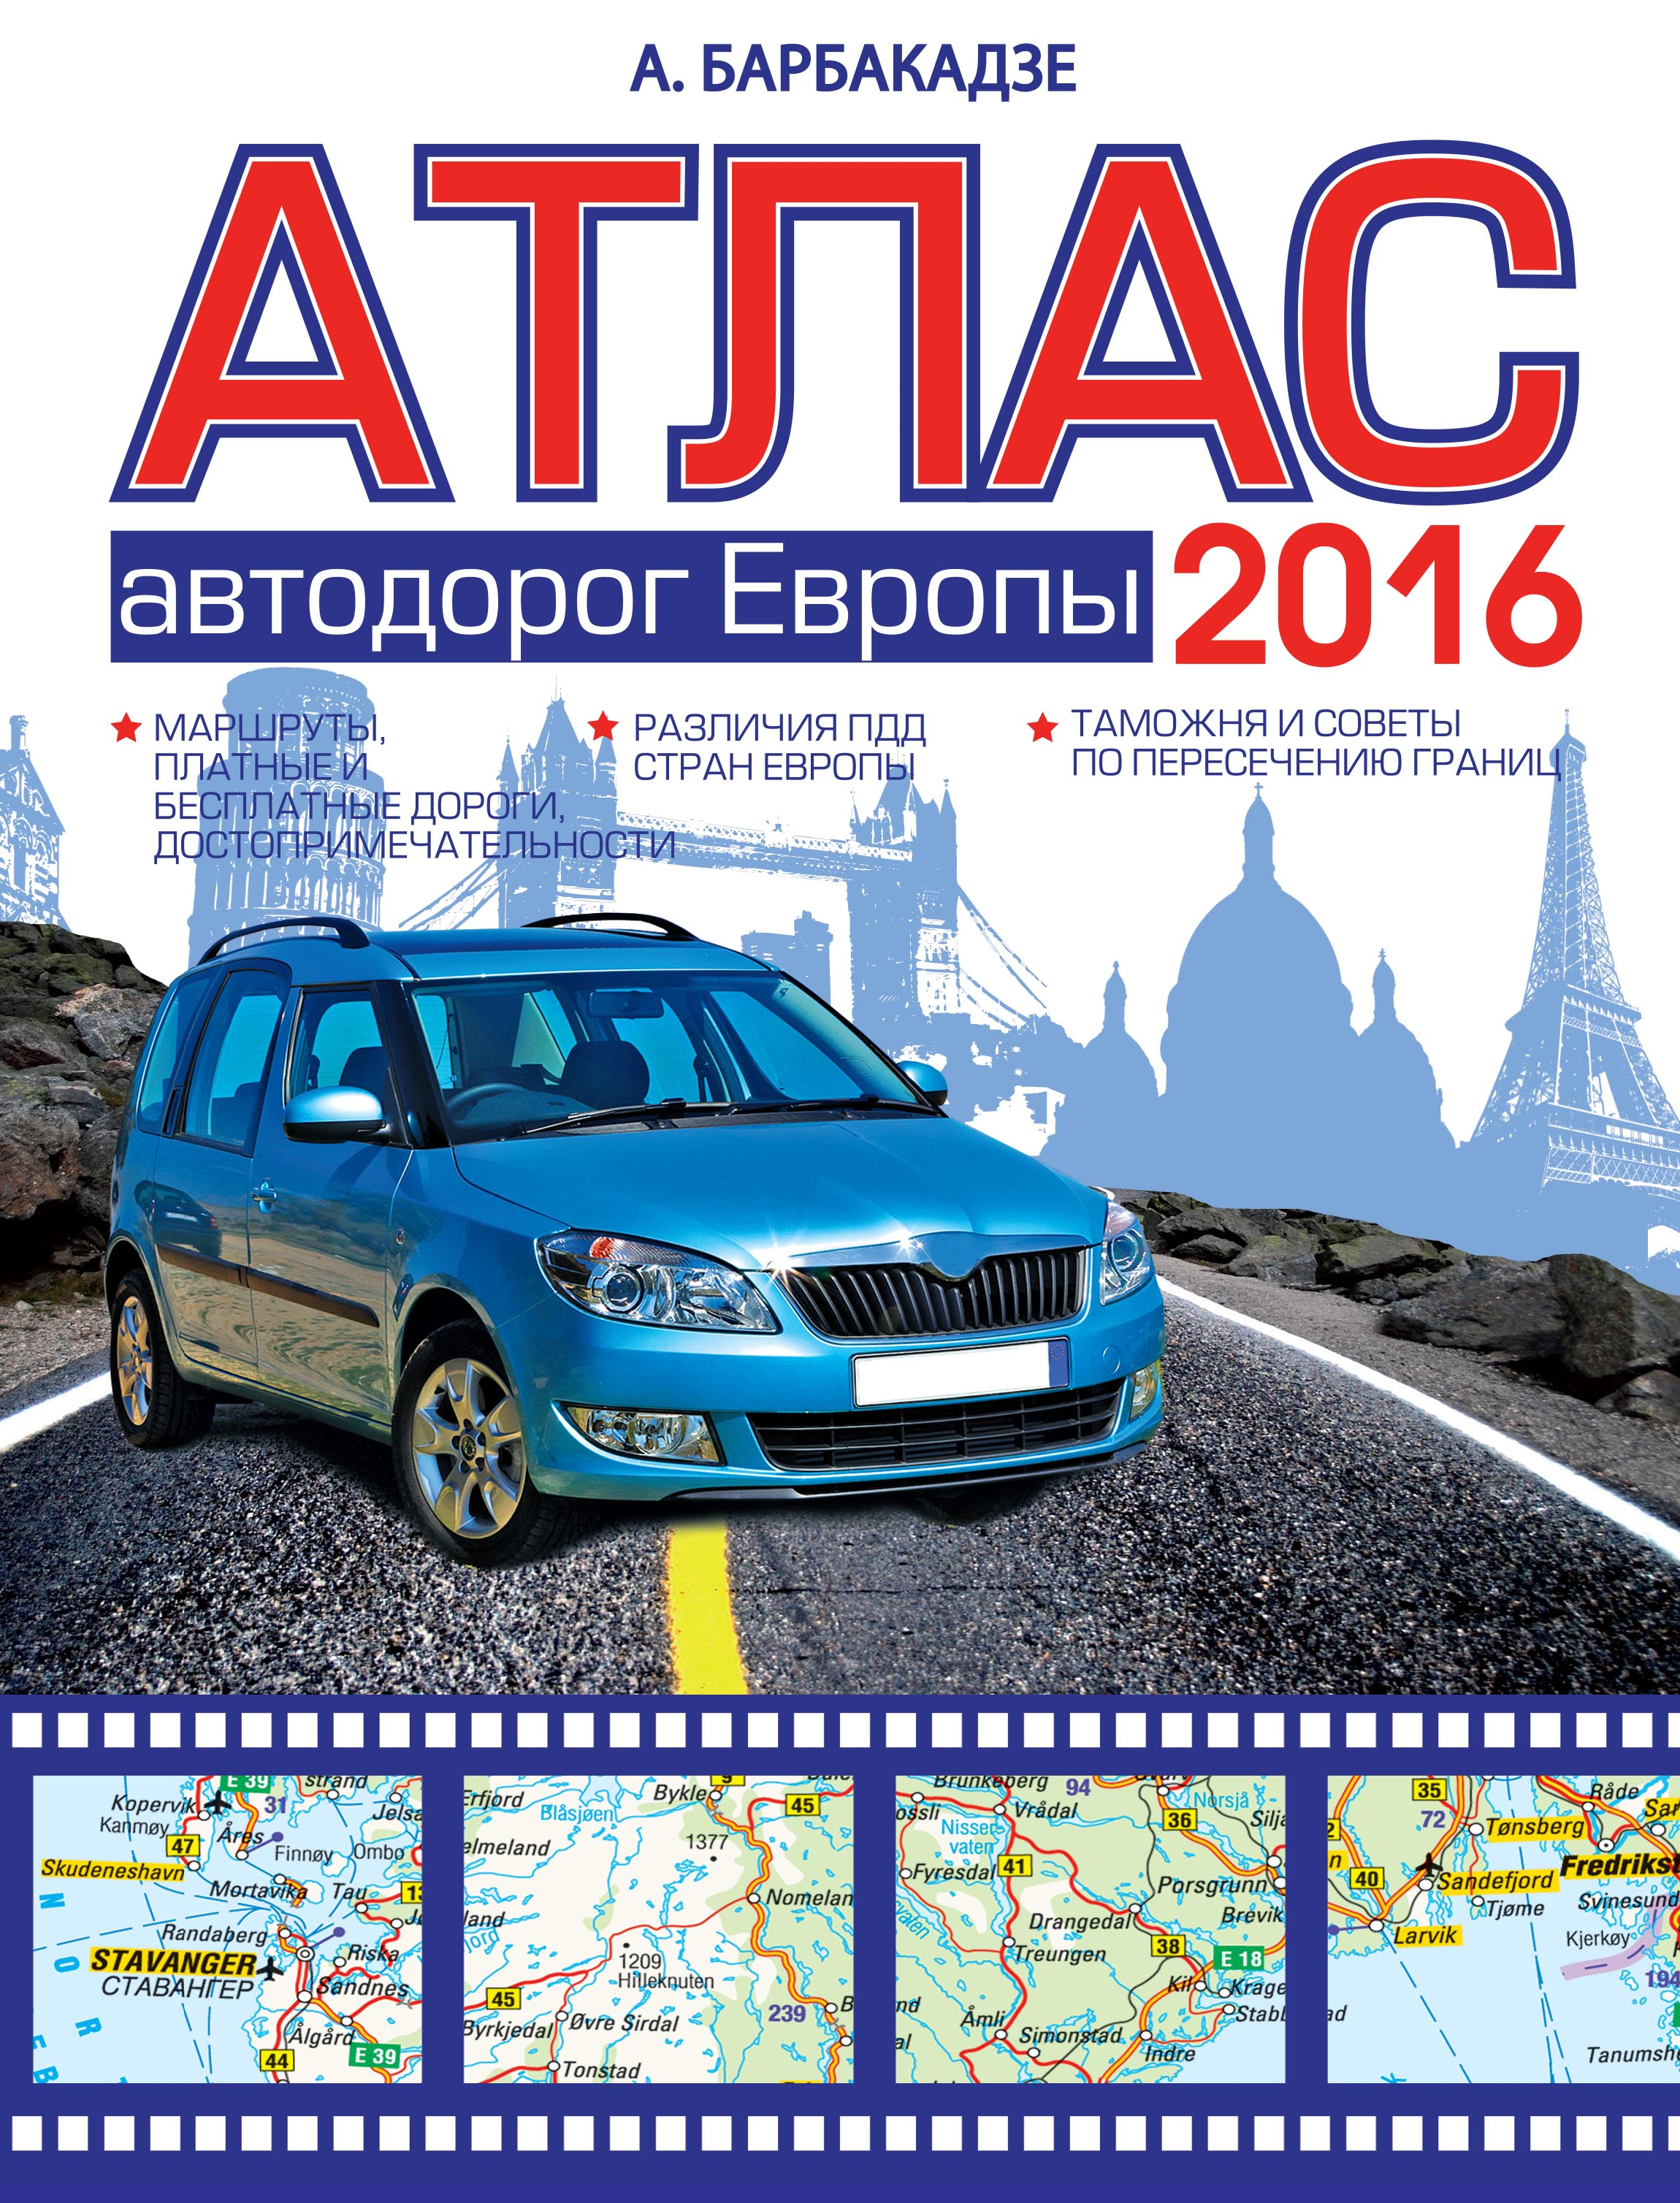 А. Барбакадзе Атлас автодорог Европы 2016